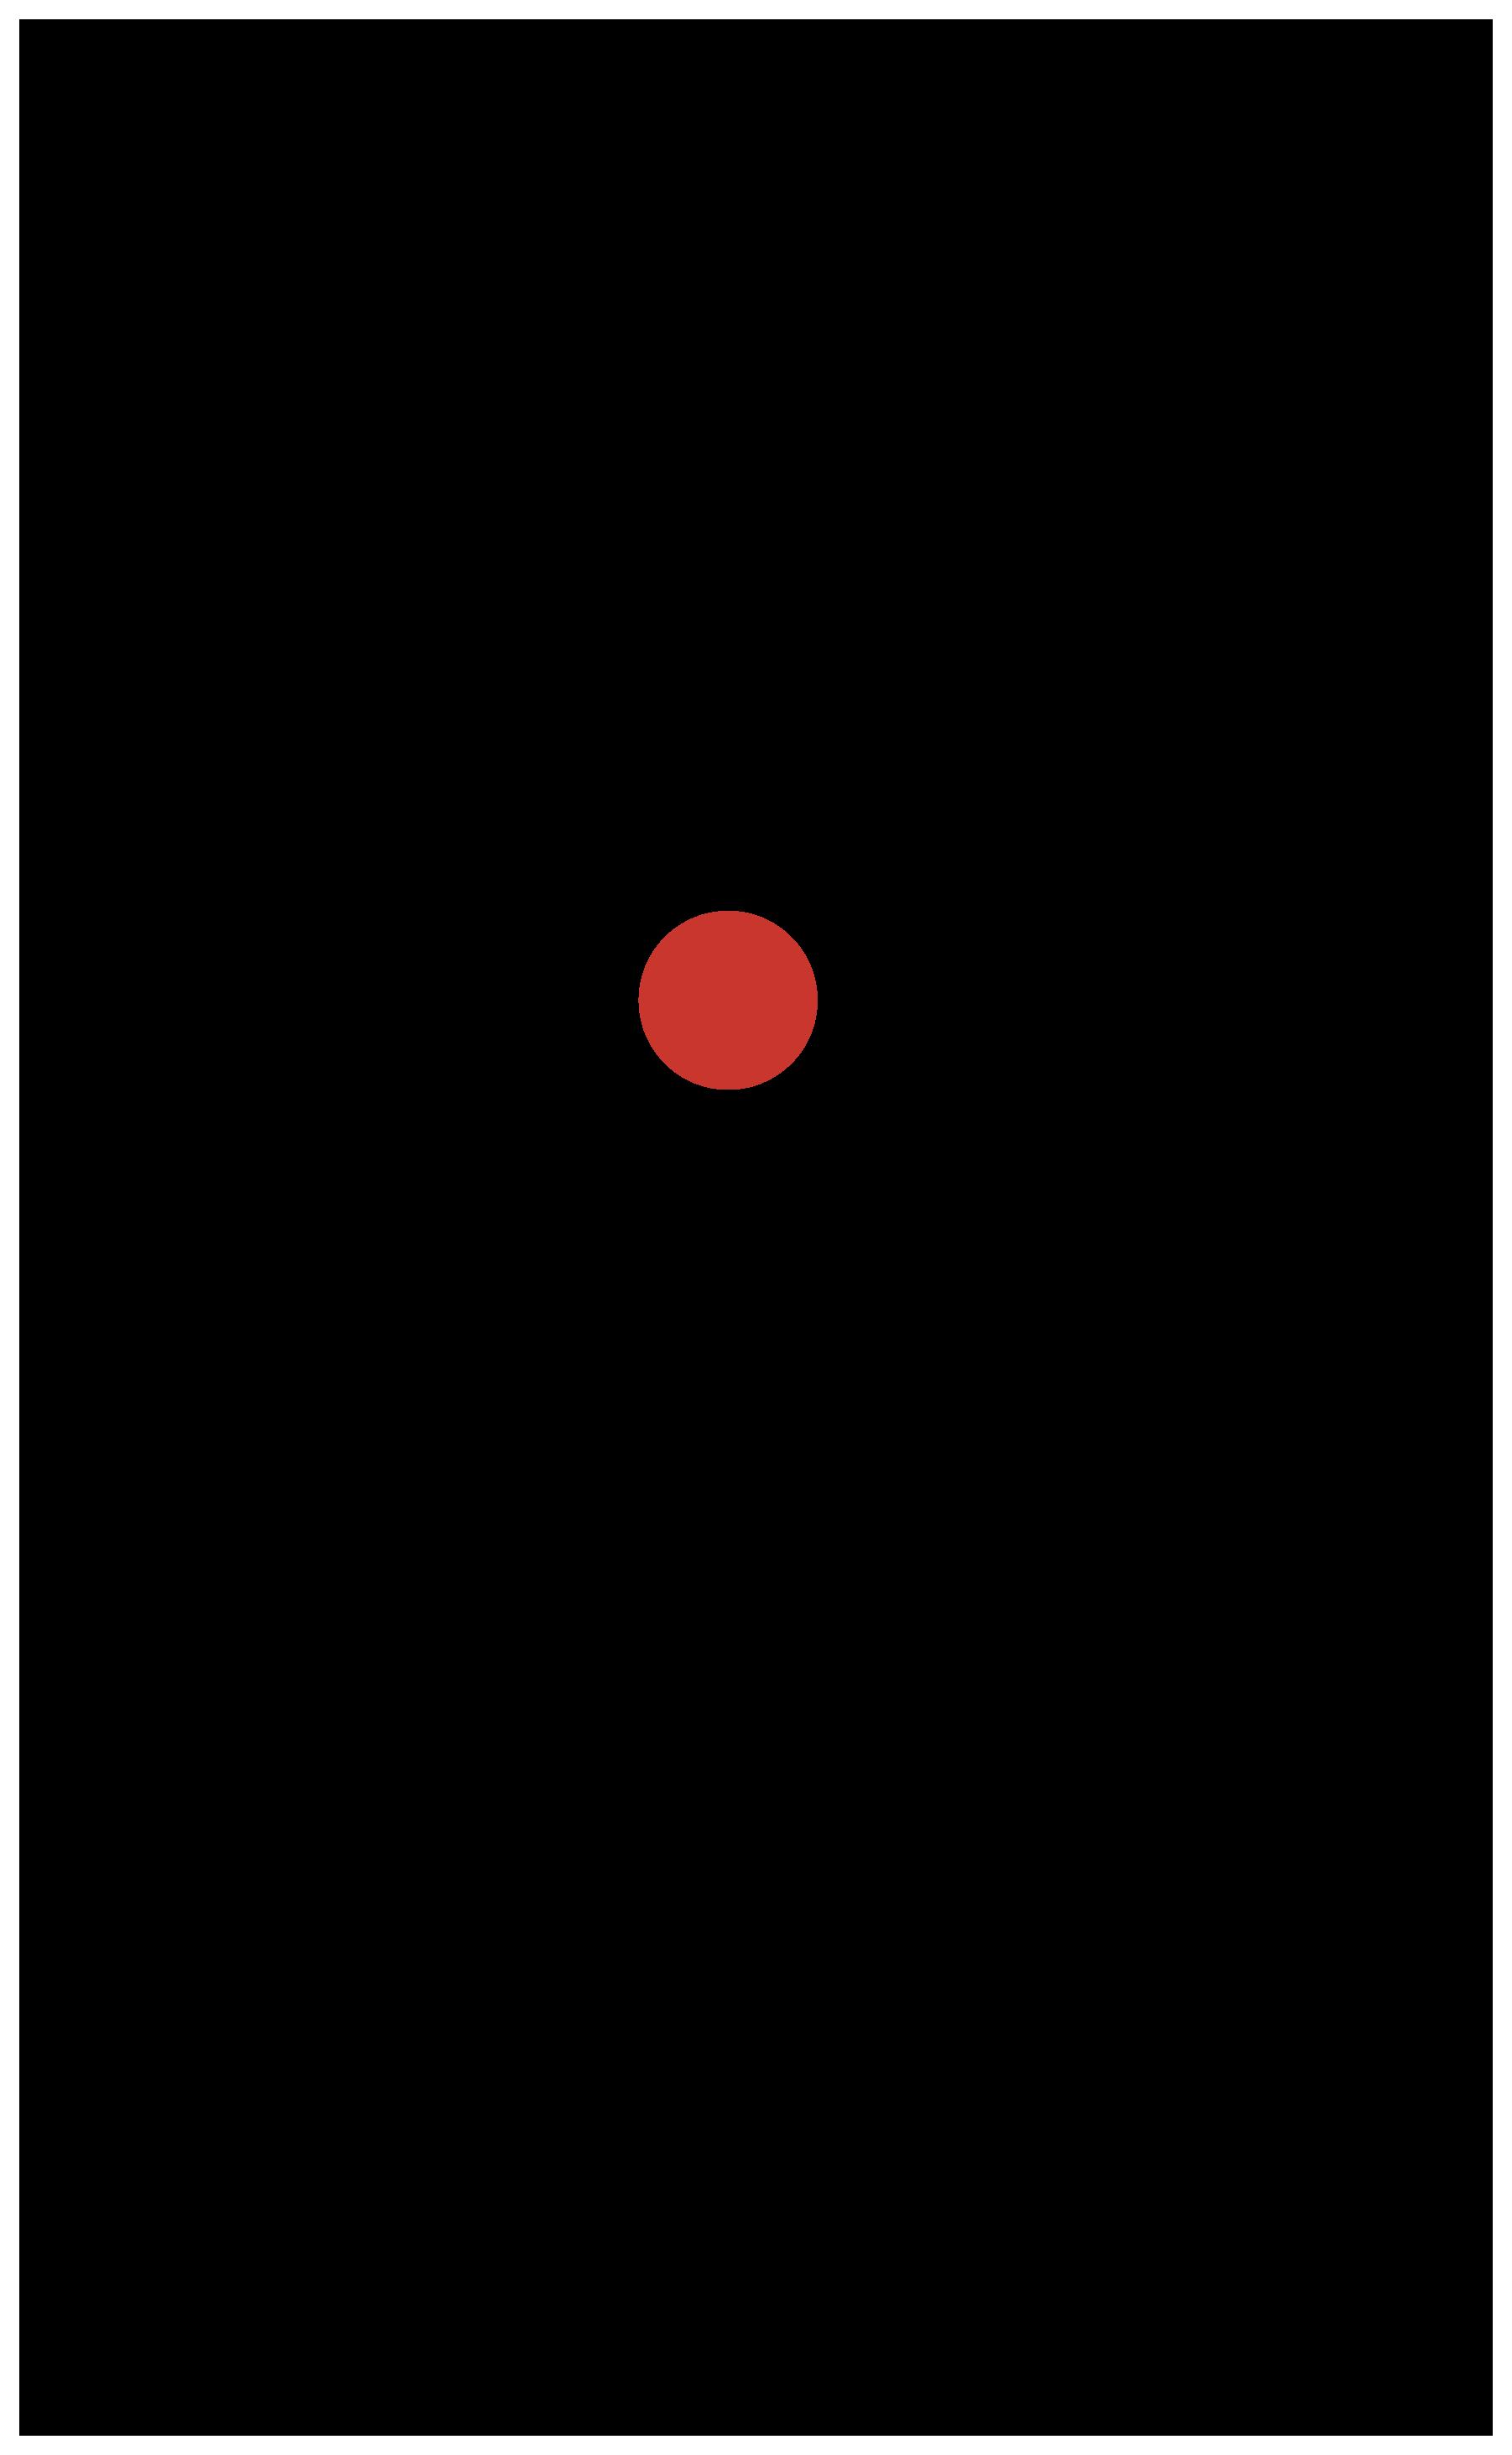 経営コンサルタントと親しみ/優しいと黒のロゴ